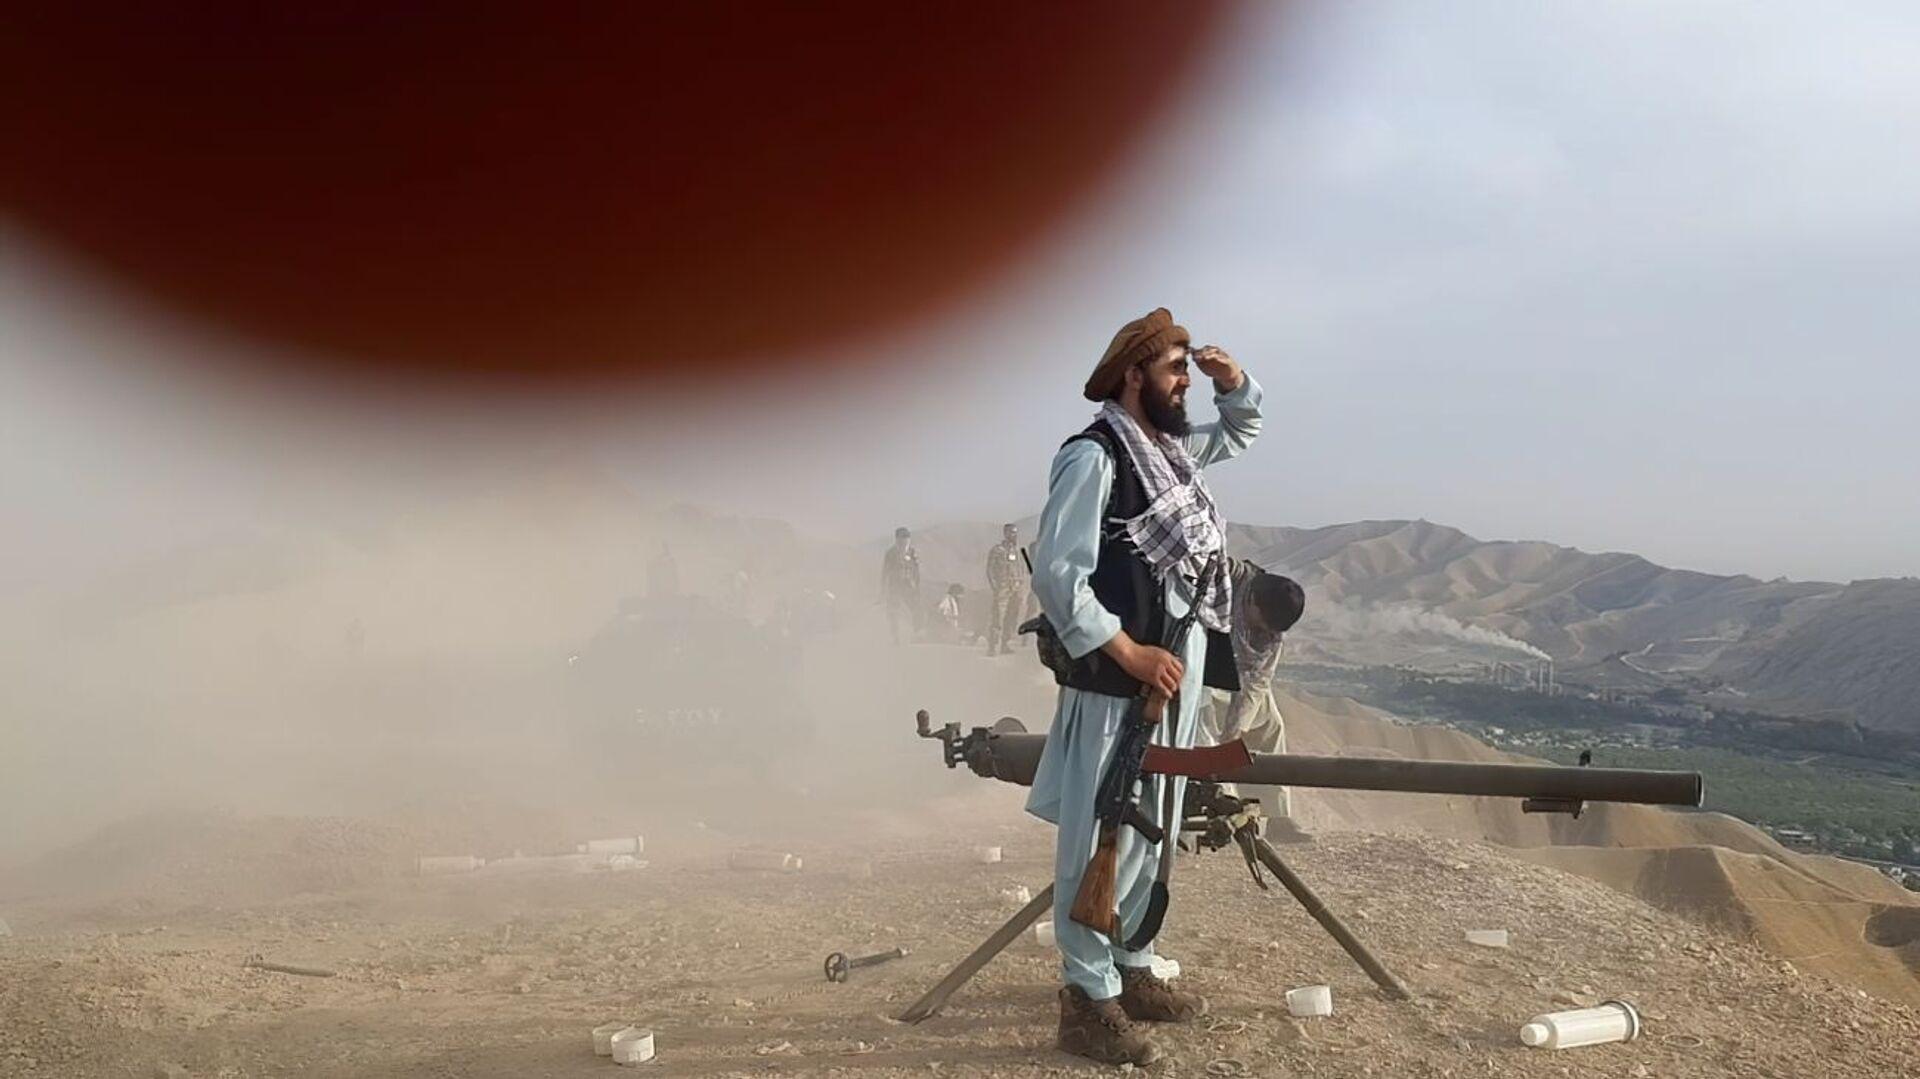 Силы сопротивления против талибов* в Андарабе, Афганистан - Sputnik Узбекистан, 1920, 22.09.2021